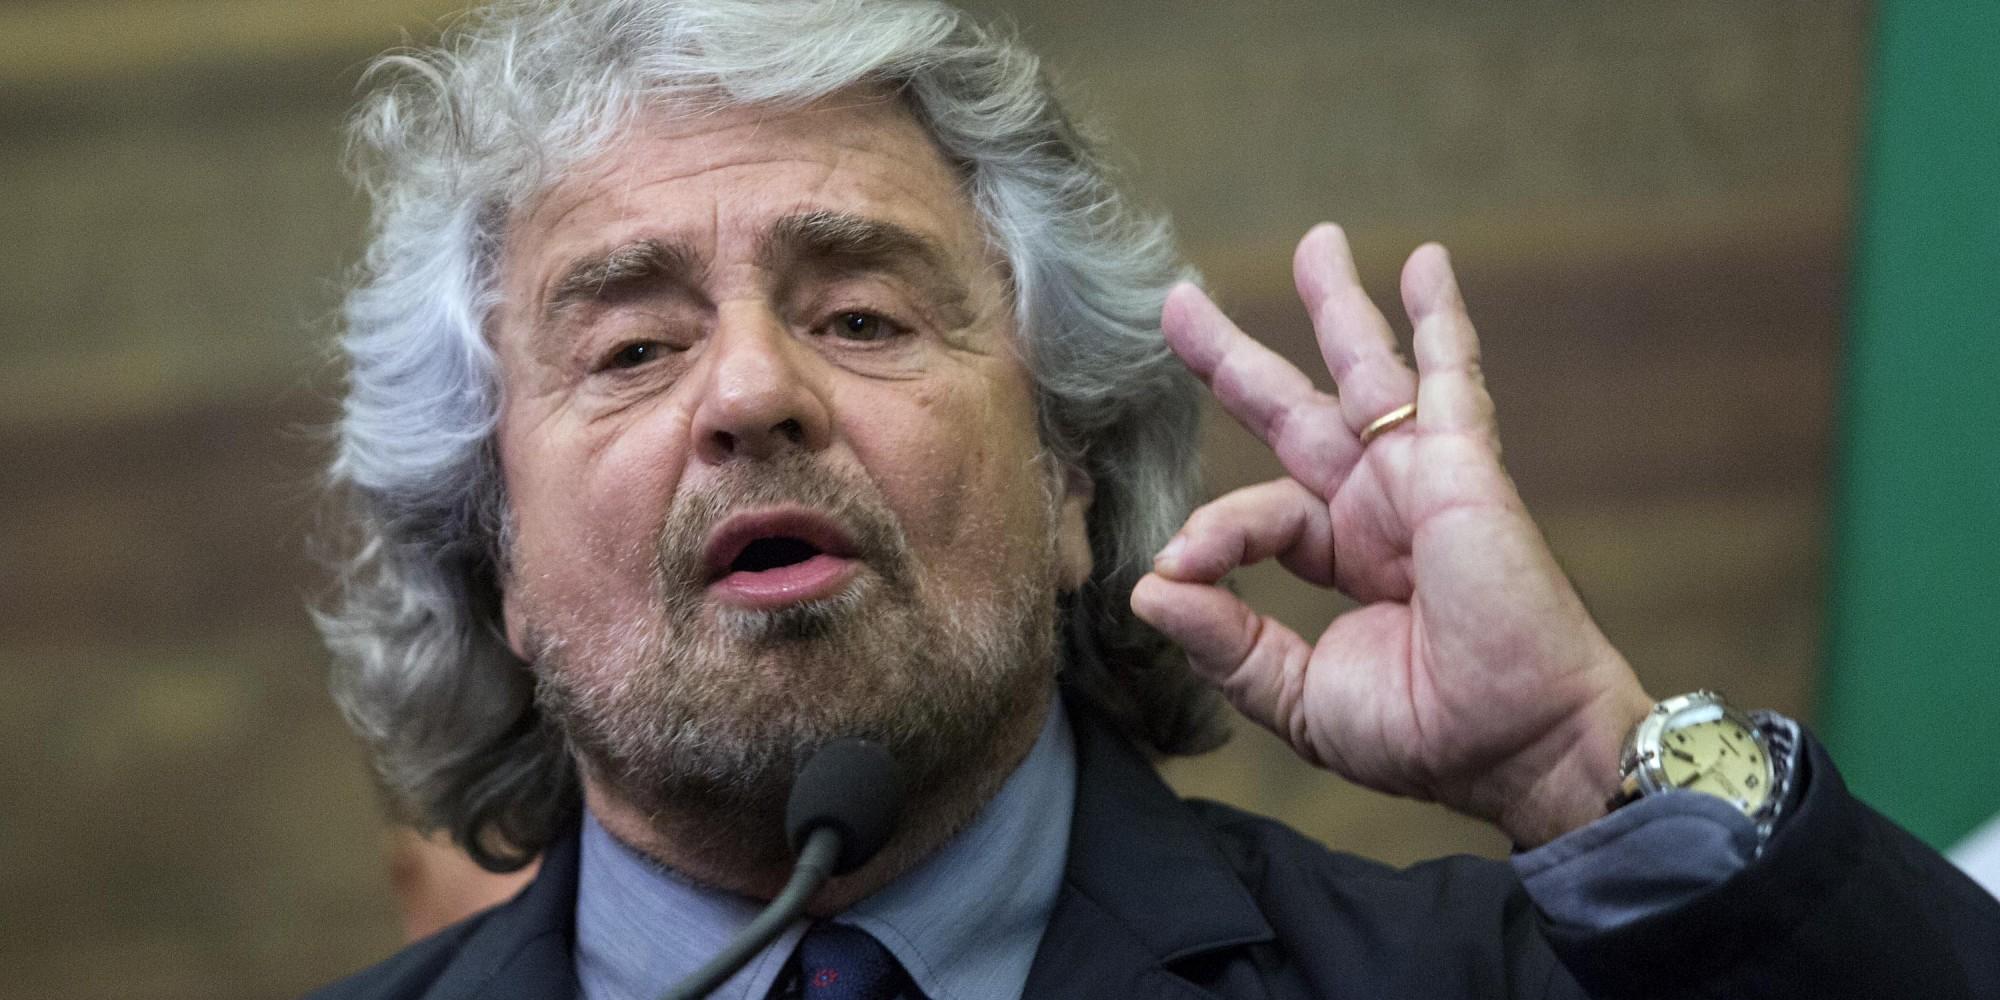 <b>Beppe Grillo</b> e M5S in guai economici? Espulsi chiedono risarcimenti. - grillo